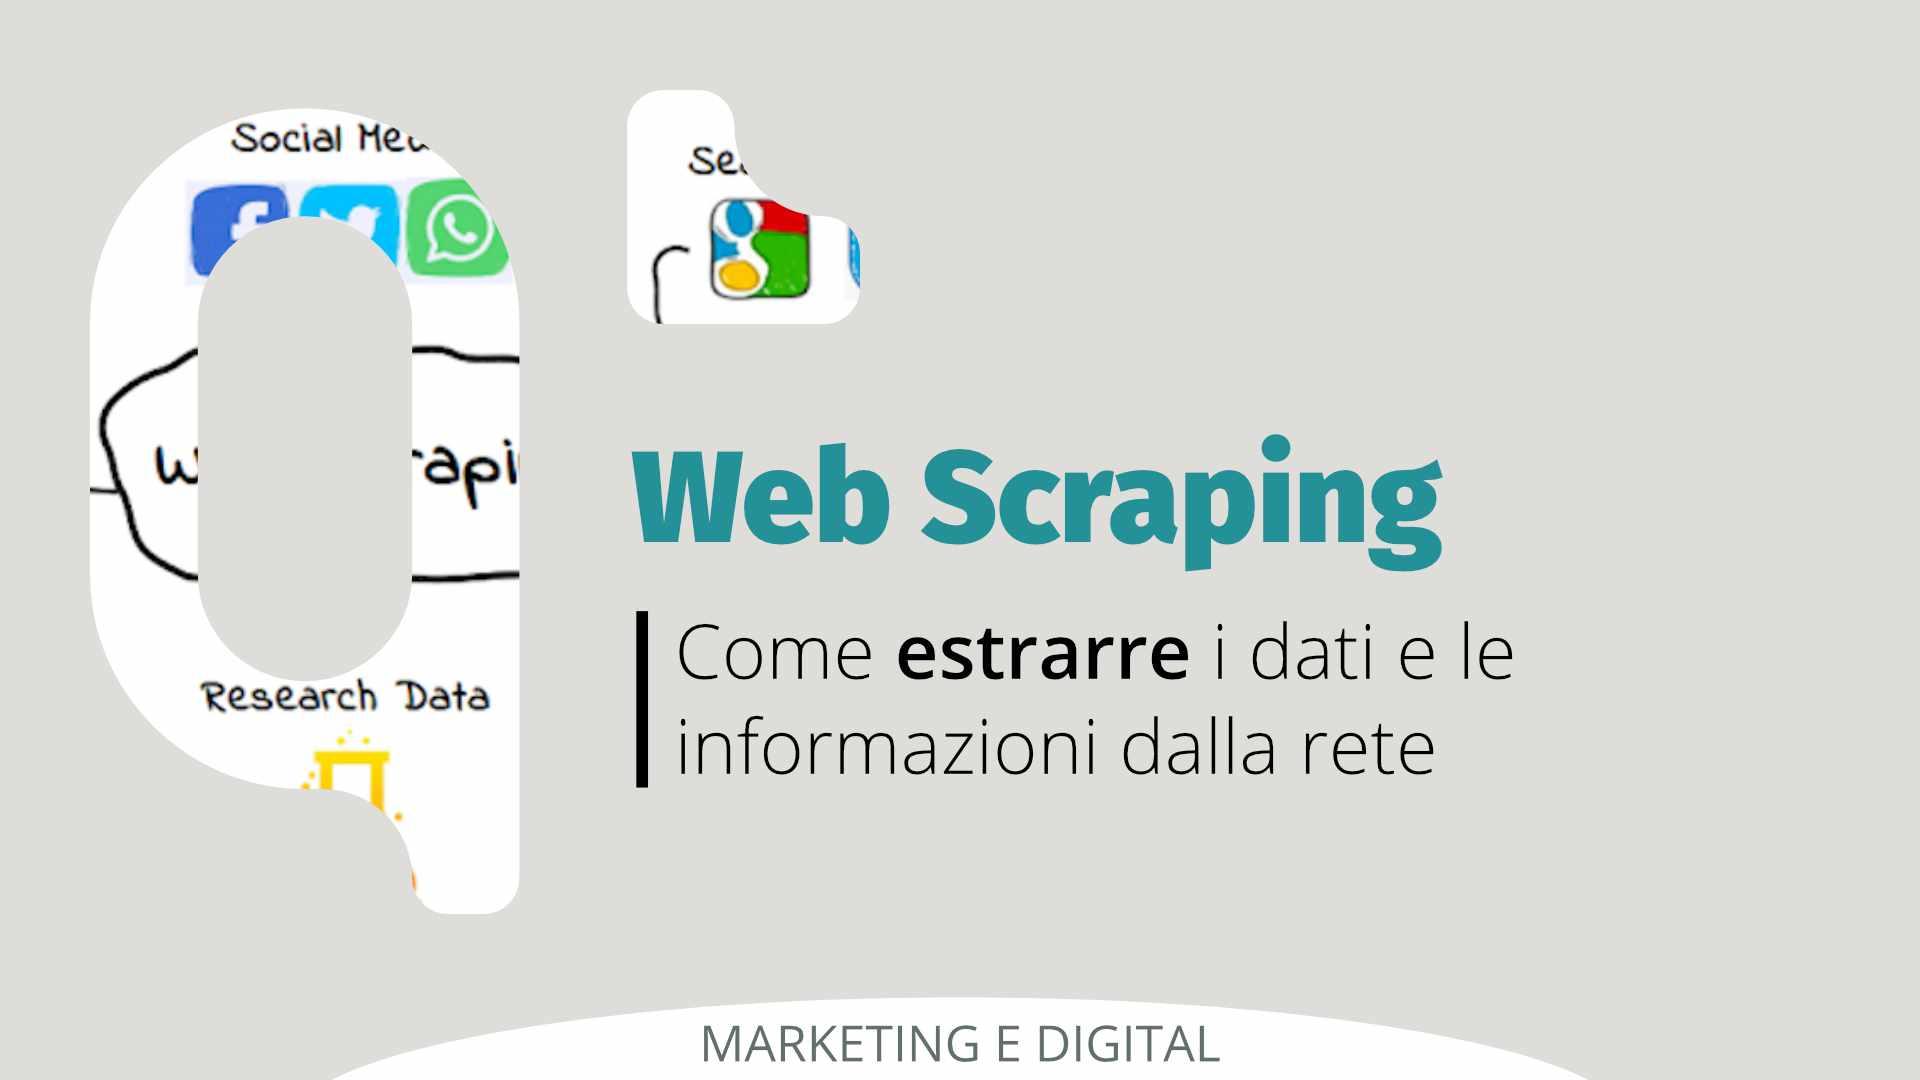 web scraping, estrarre dati dalla rete